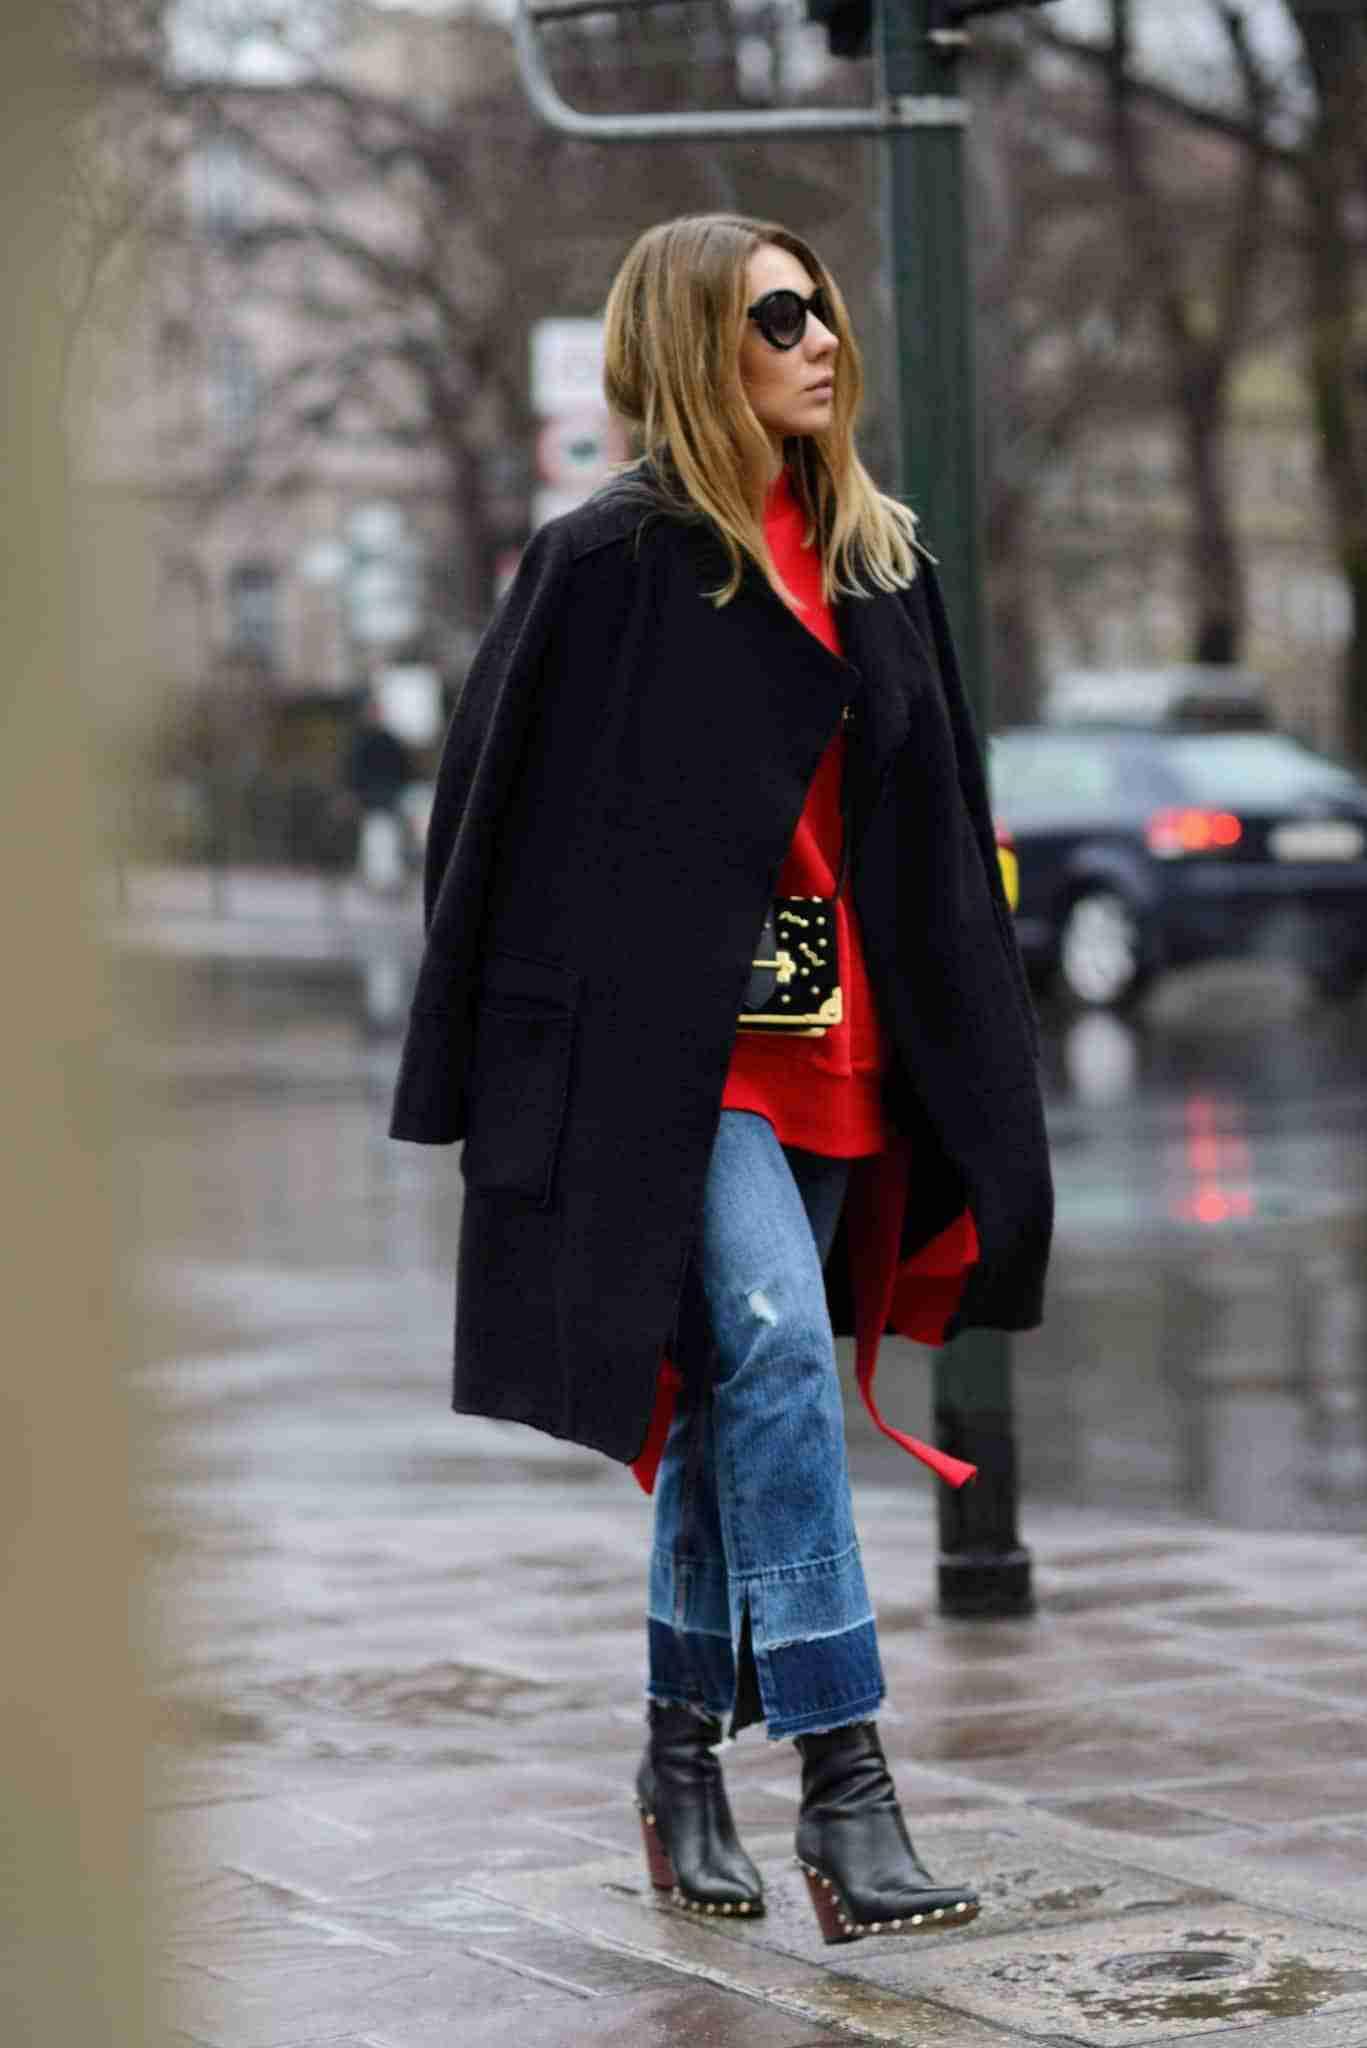 Czerwona bluza Vetements, czarny płaszcz.